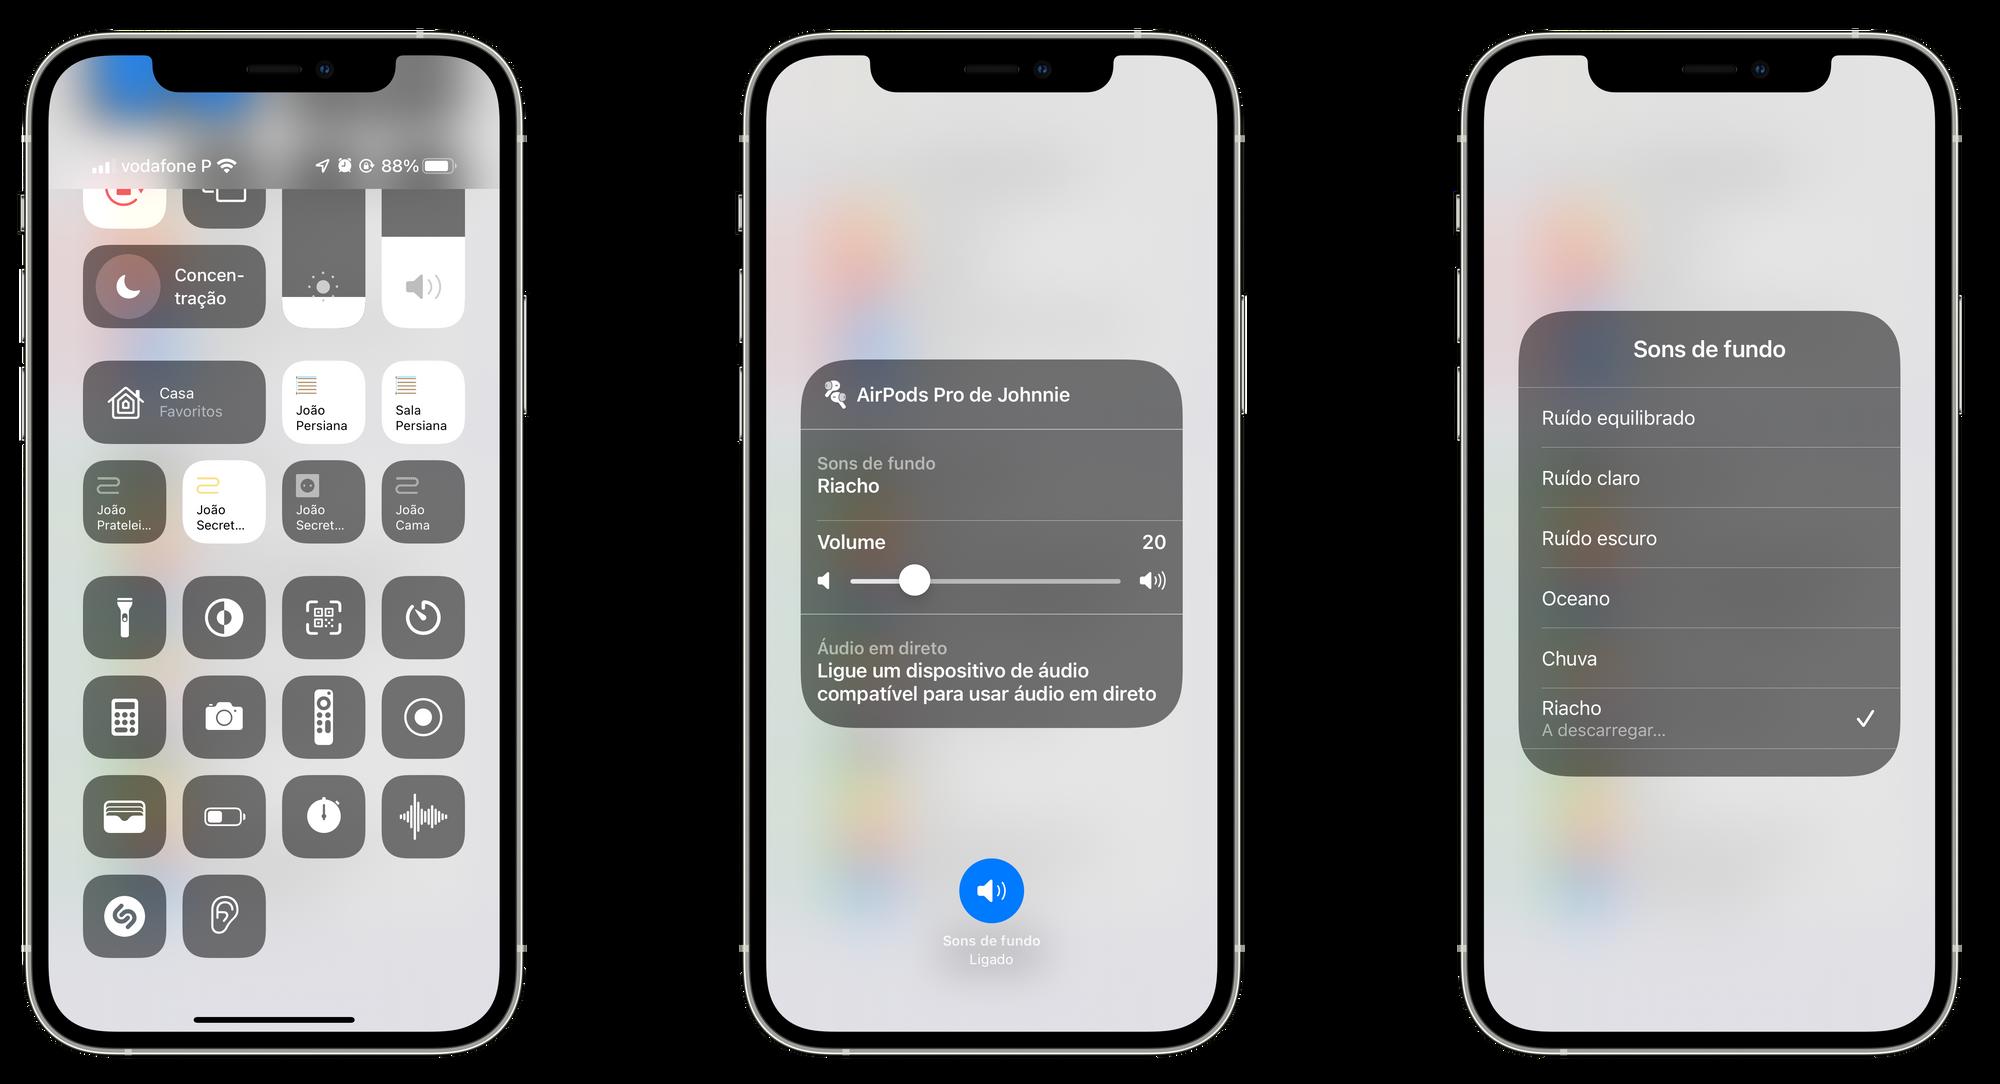 Como ativar os sons de fundo através da Central de Controlo no iOS 15